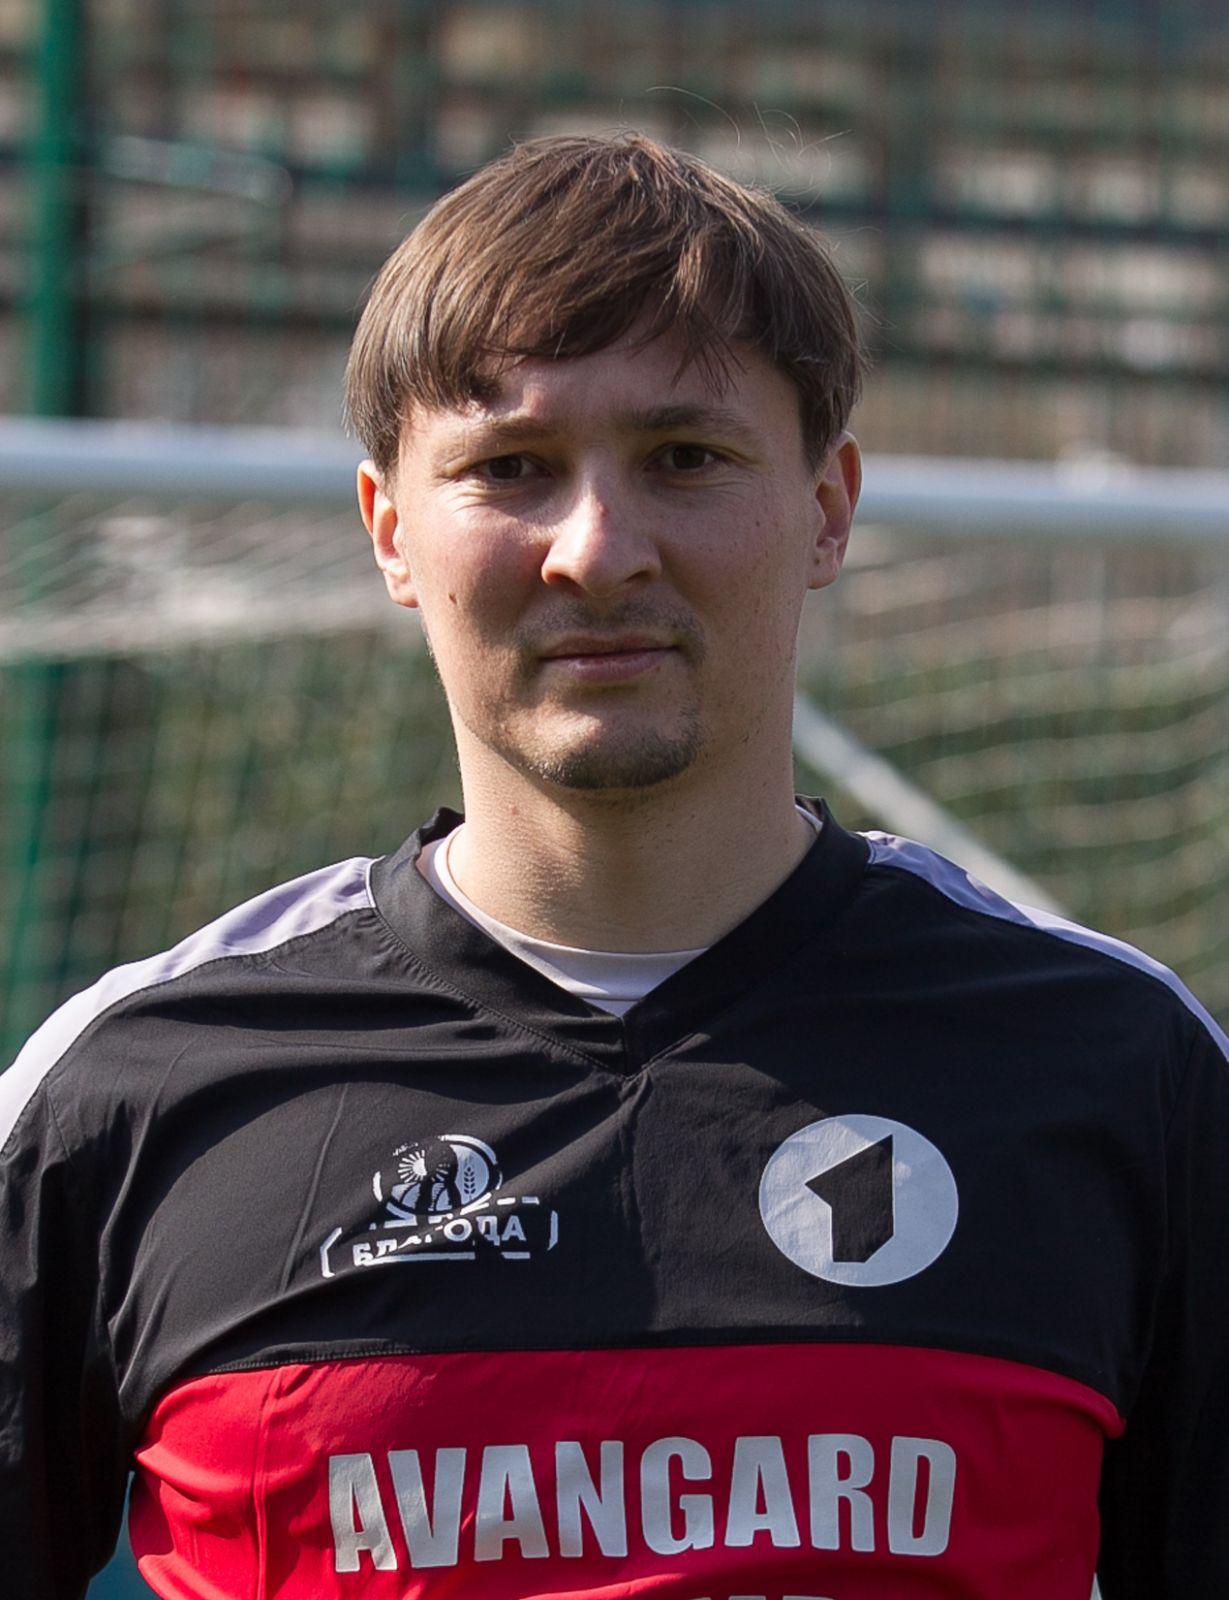 Агафонов Станислав